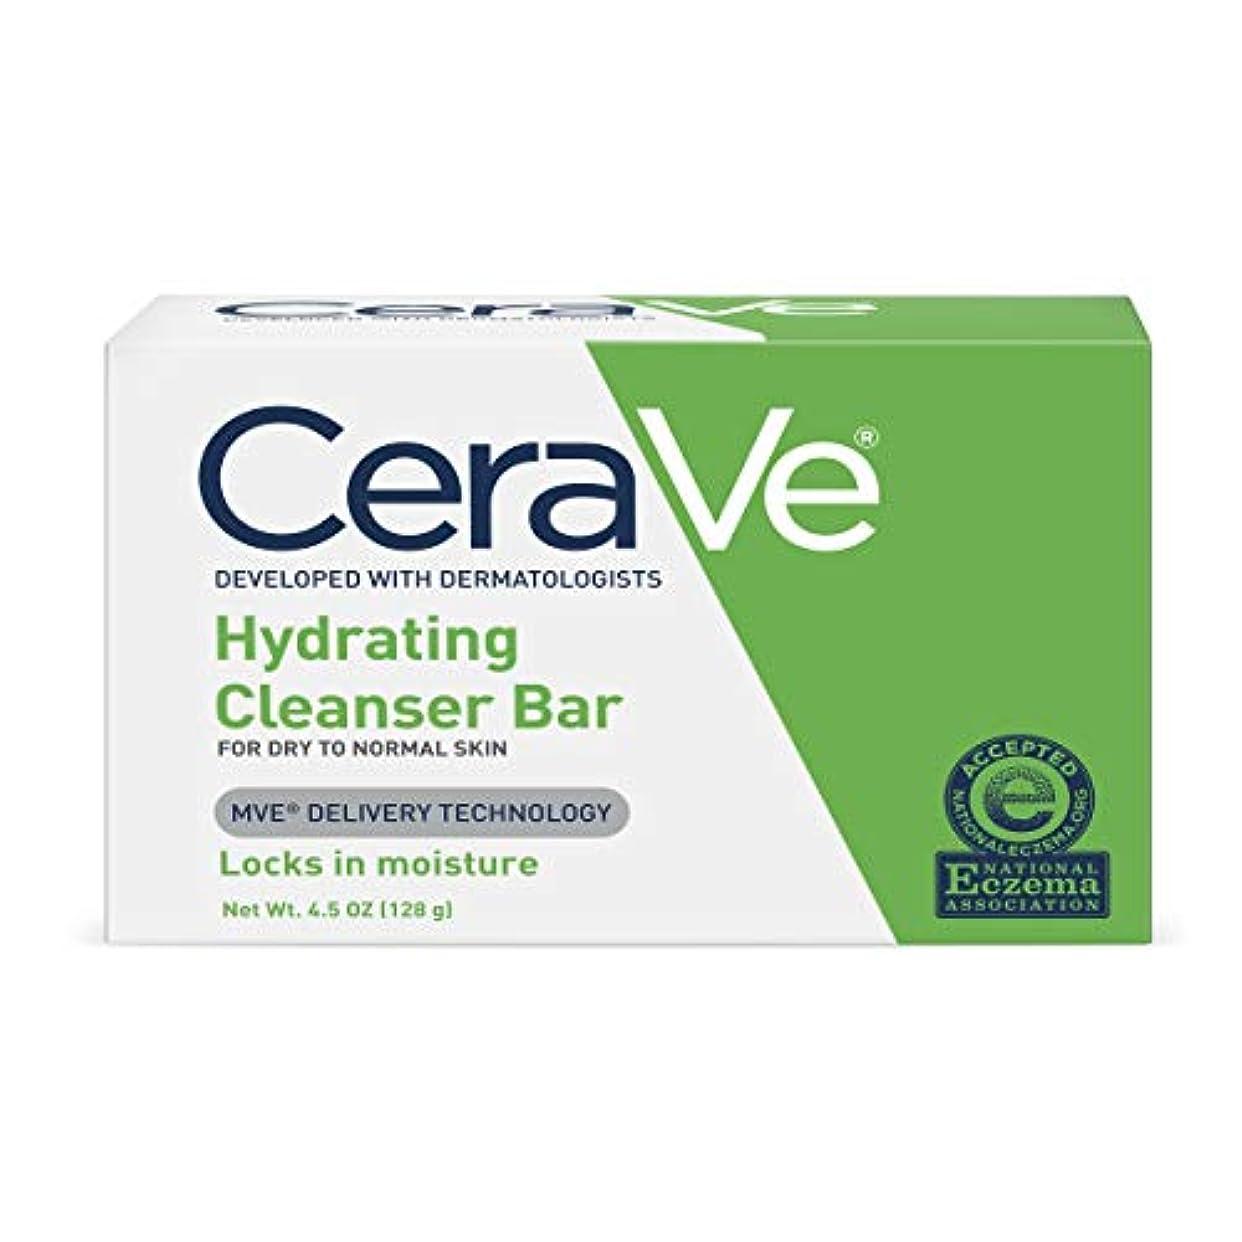 構造的もつれハドルCeraVe 正常皮膚とハイドレイティングクレンザーバードライ - 4.5オズ、5パック